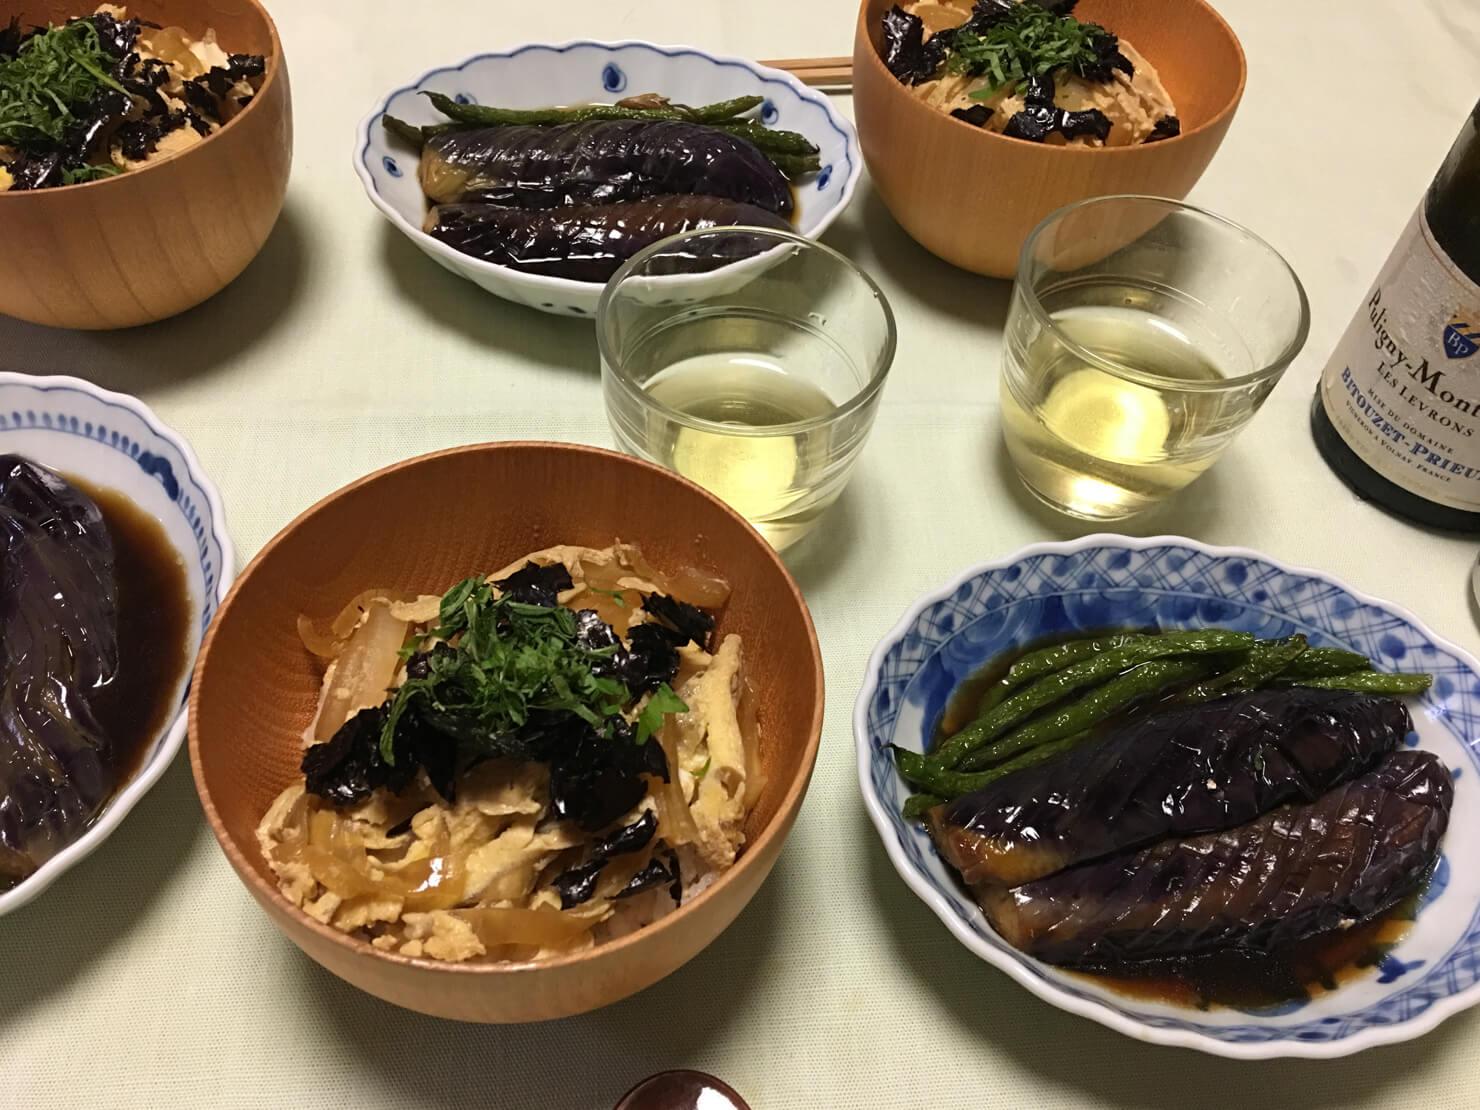 いんげんとナスの揚げ煮中心の昼御飯の写真